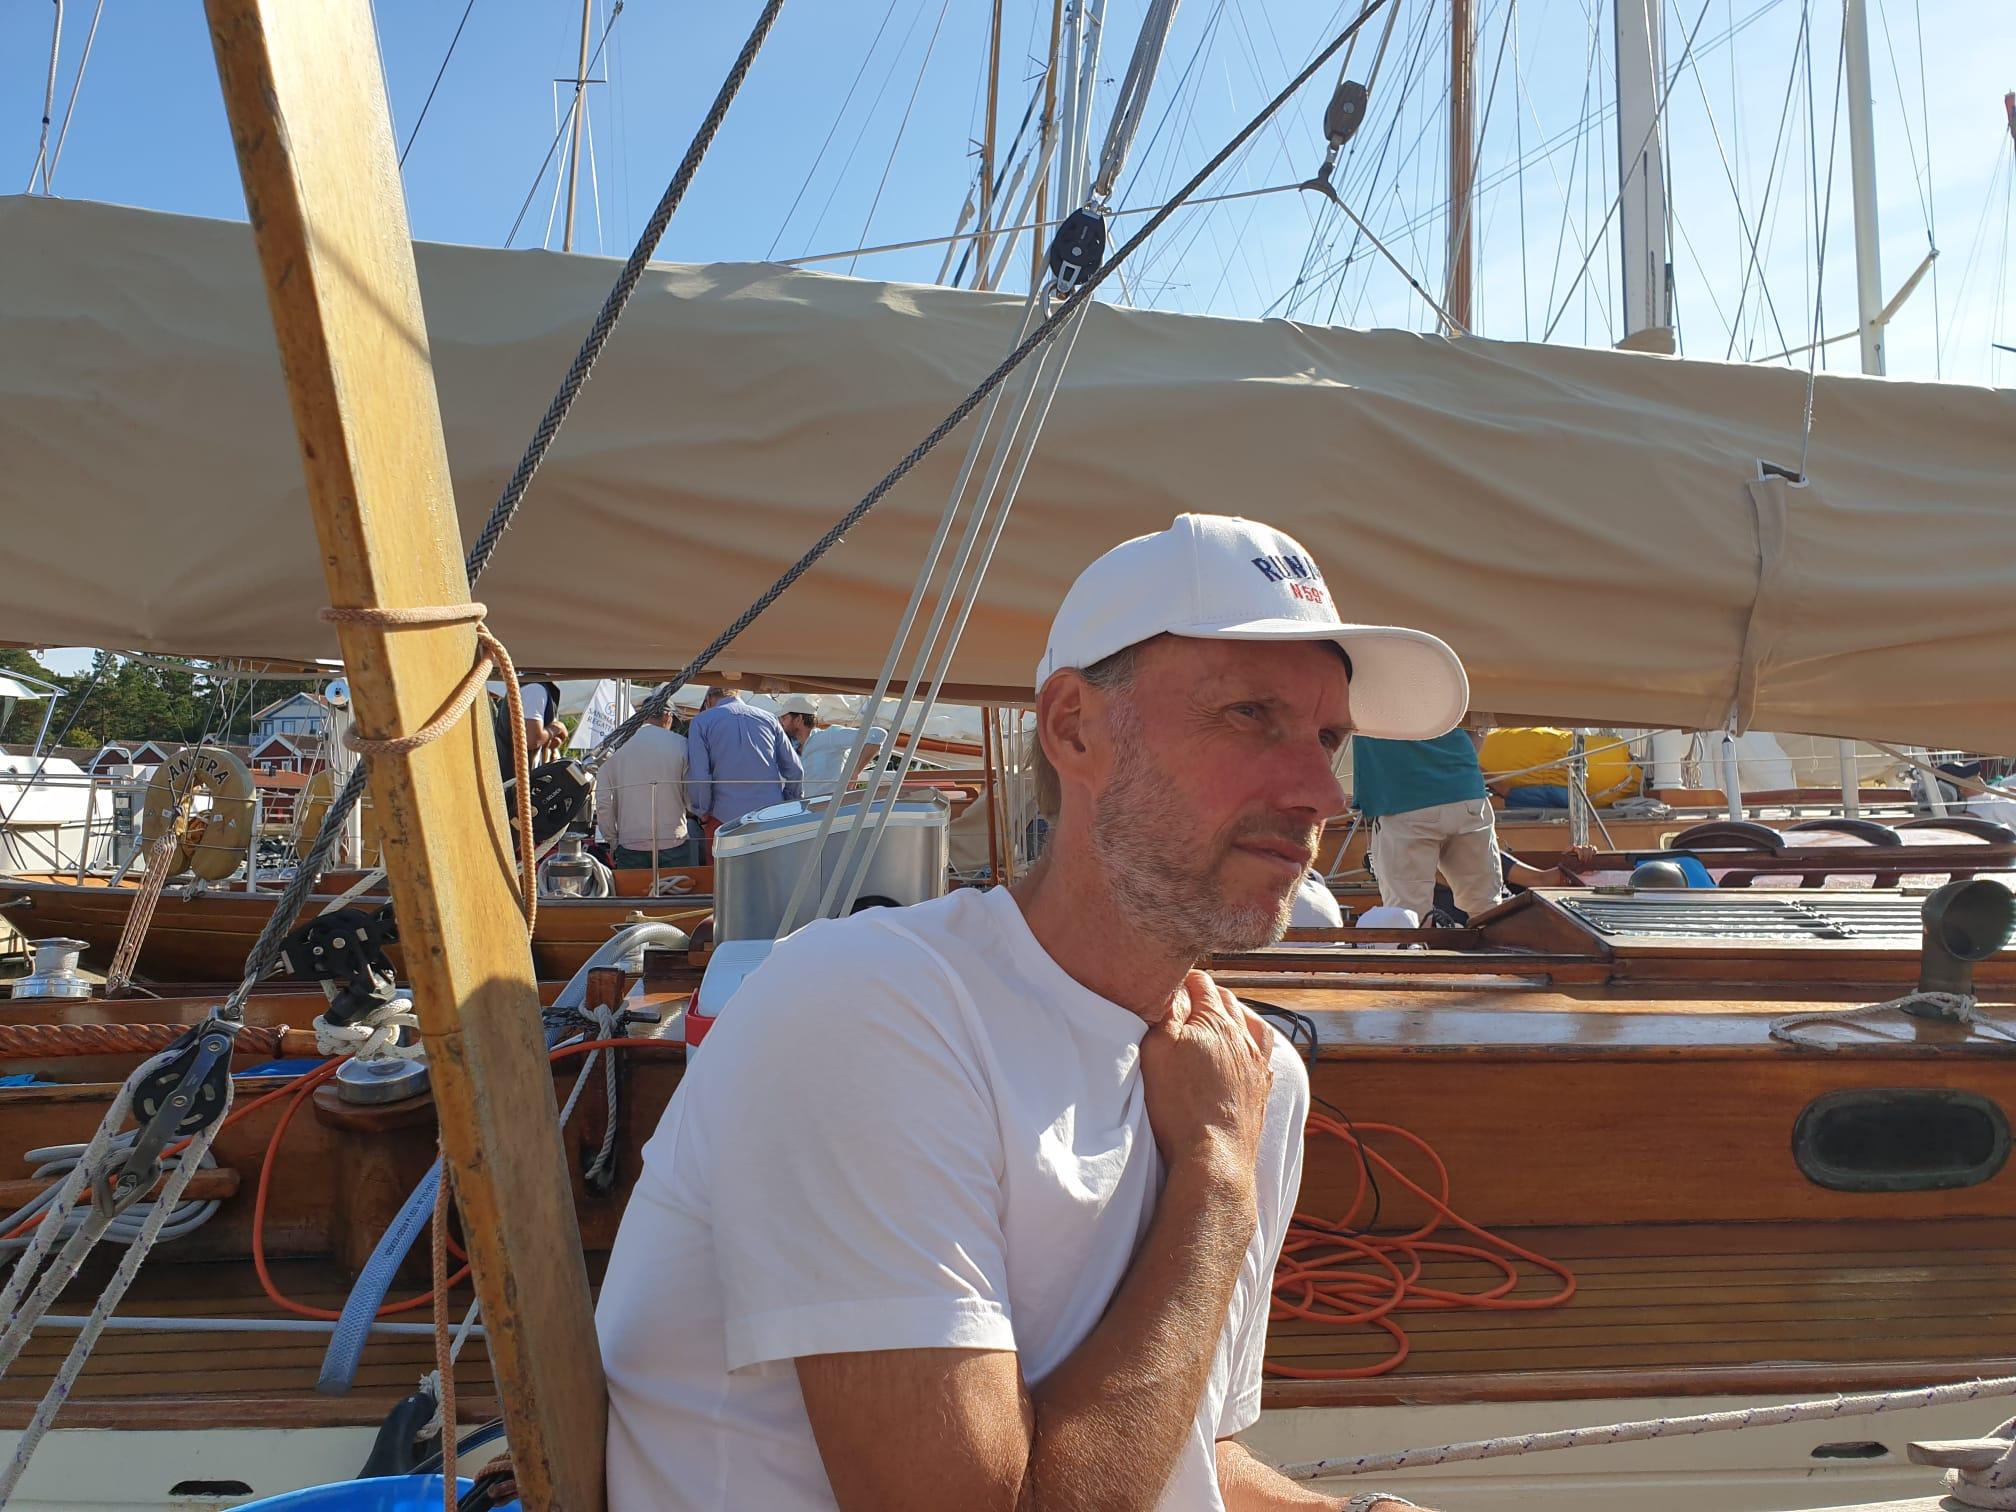 Magnus S funderar och diskuterar dagens seglingar. Eol (med ismaskin) i bakgrunden Foto ©Katarina Swahn